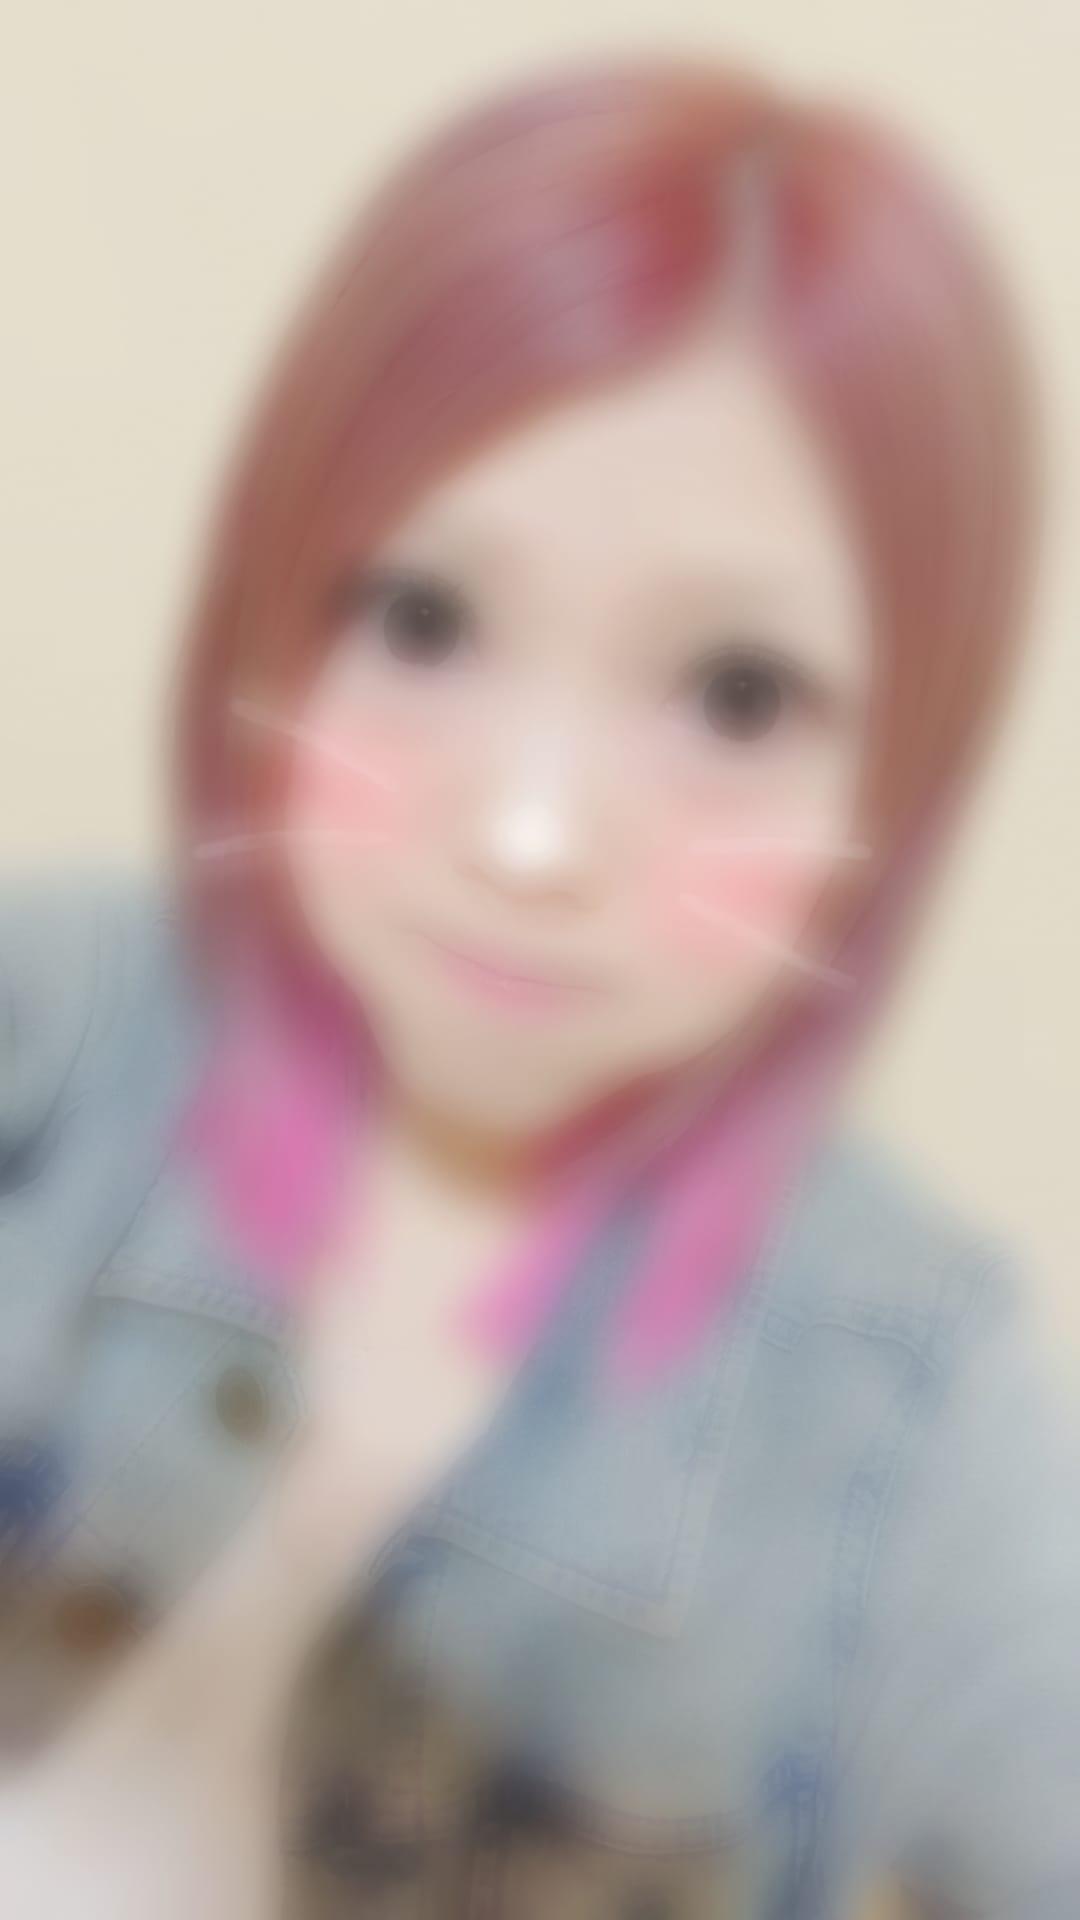 さき「(^ω^)」04/18(水) 18:28 | さきの写メ・風俗動画